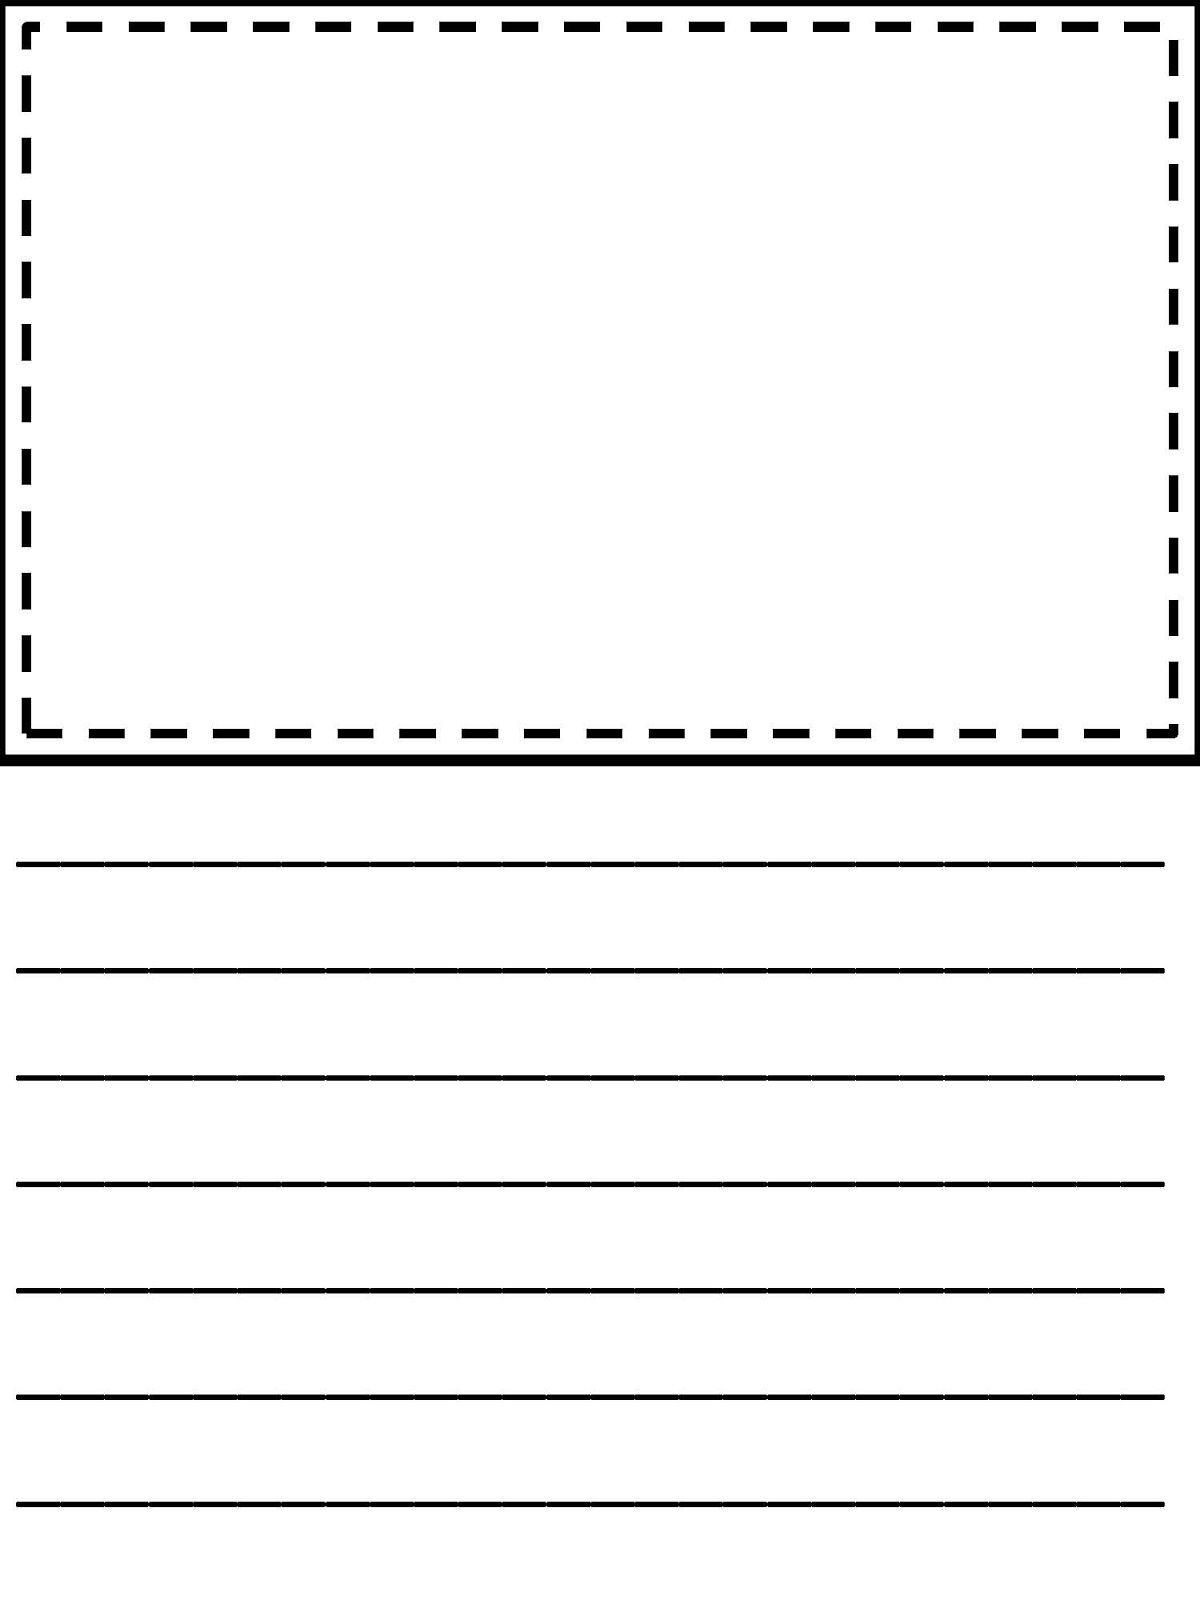 Pete The Cat Lined Paper 1 200 1 600 Pixels